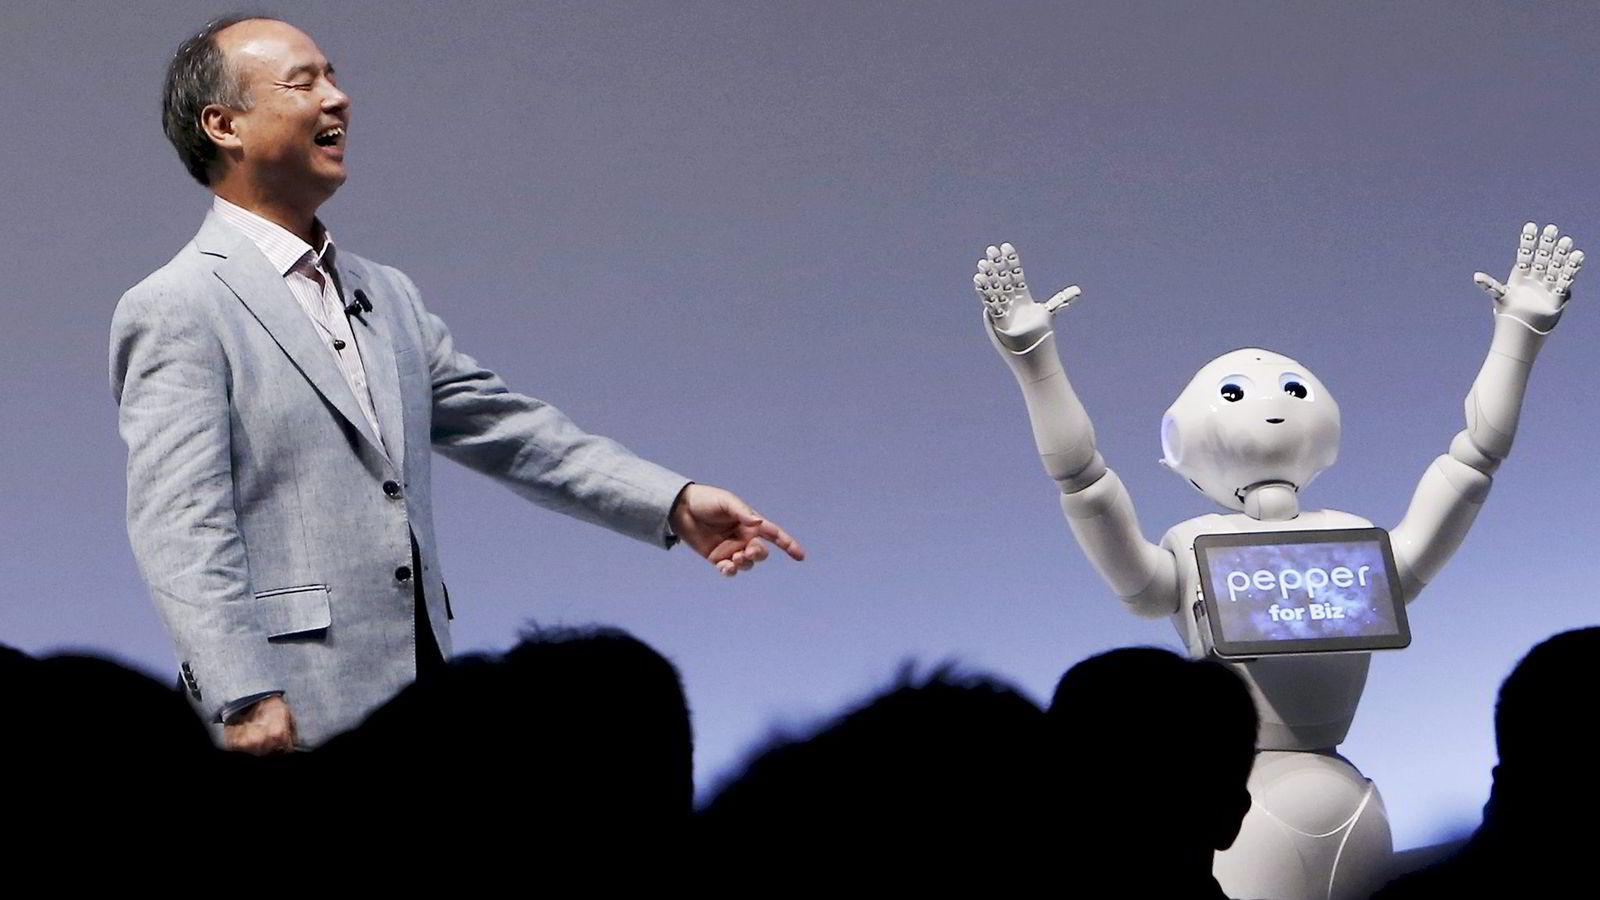 Softbank-sjef Masayoshi Son er klar til et nytt storkjøp. På bildet koser han seg med roboten «Pepper» under et arrangement i Tokyo i 2015. Foto: Yuya Shino/Reuters/NTB Scanpix